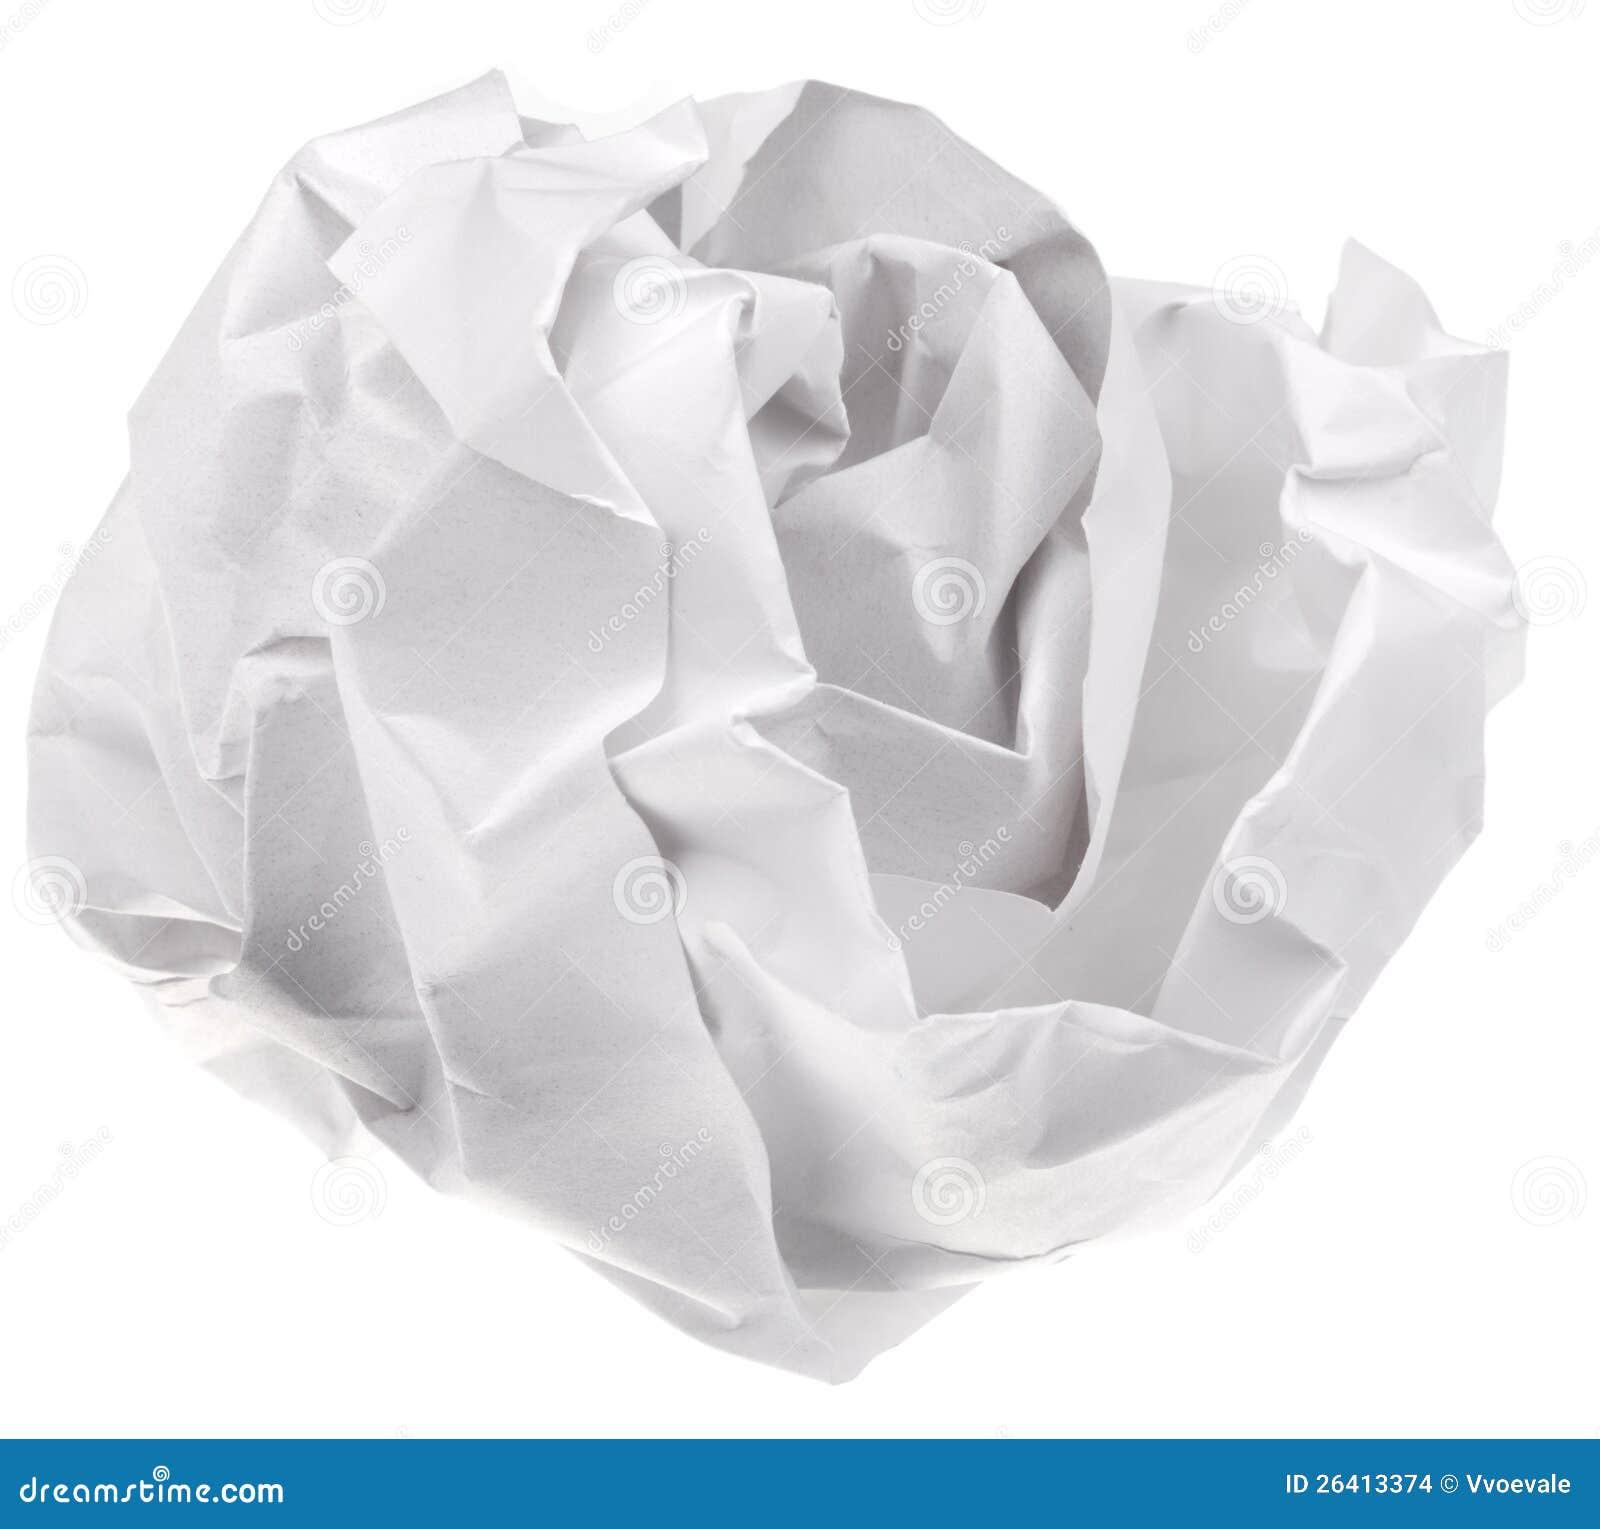 Crumpling A Sheet Of Paper Crumpled sheet of paper